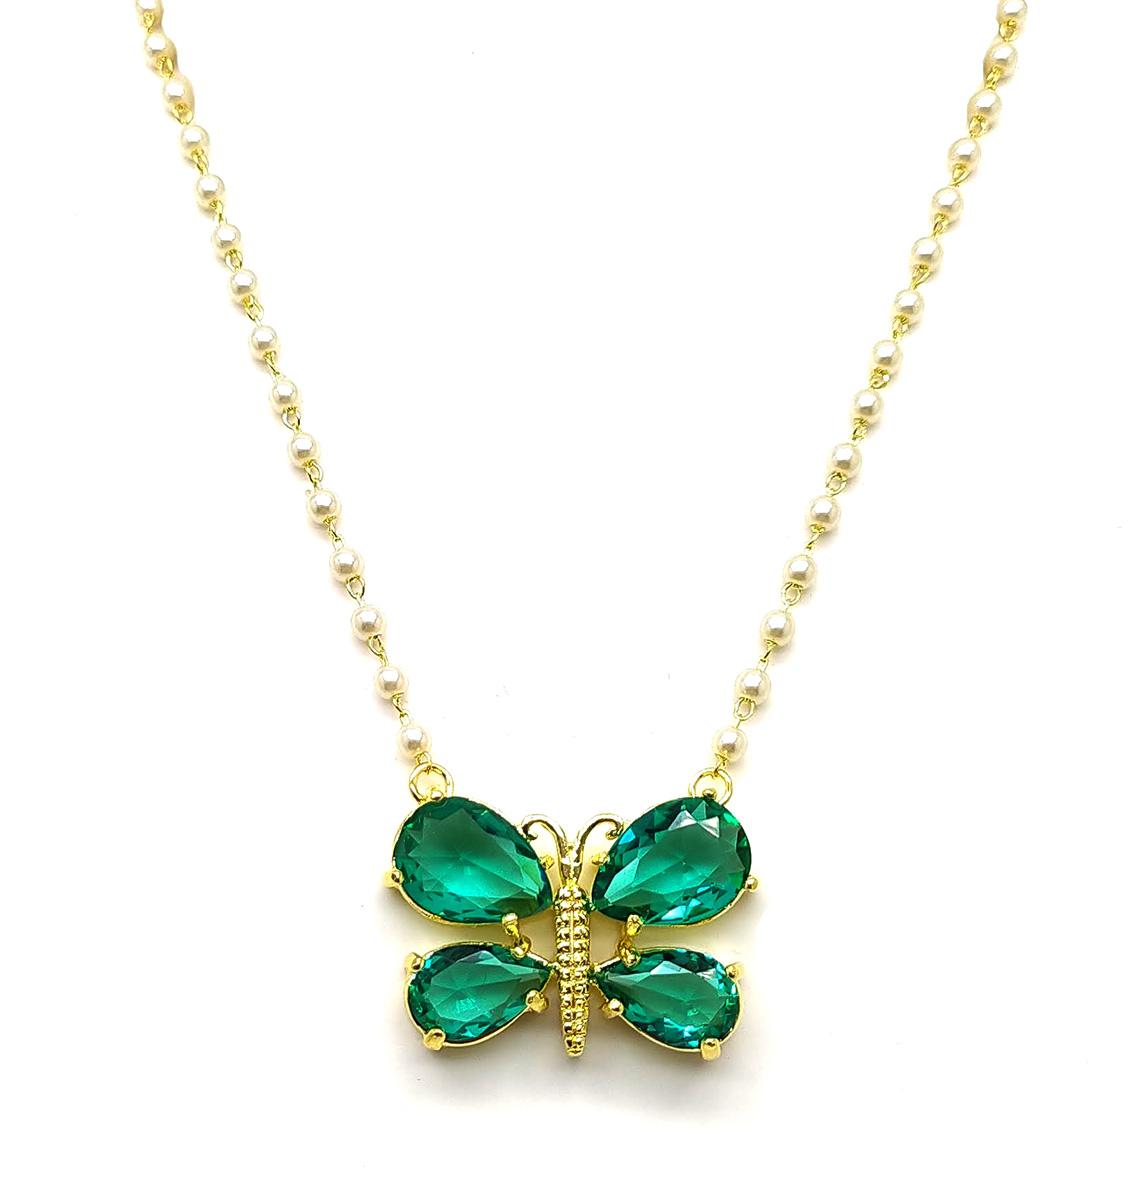 Colar borboleta folheado a ouro 18k com pedra de zircônia verde e pérolas